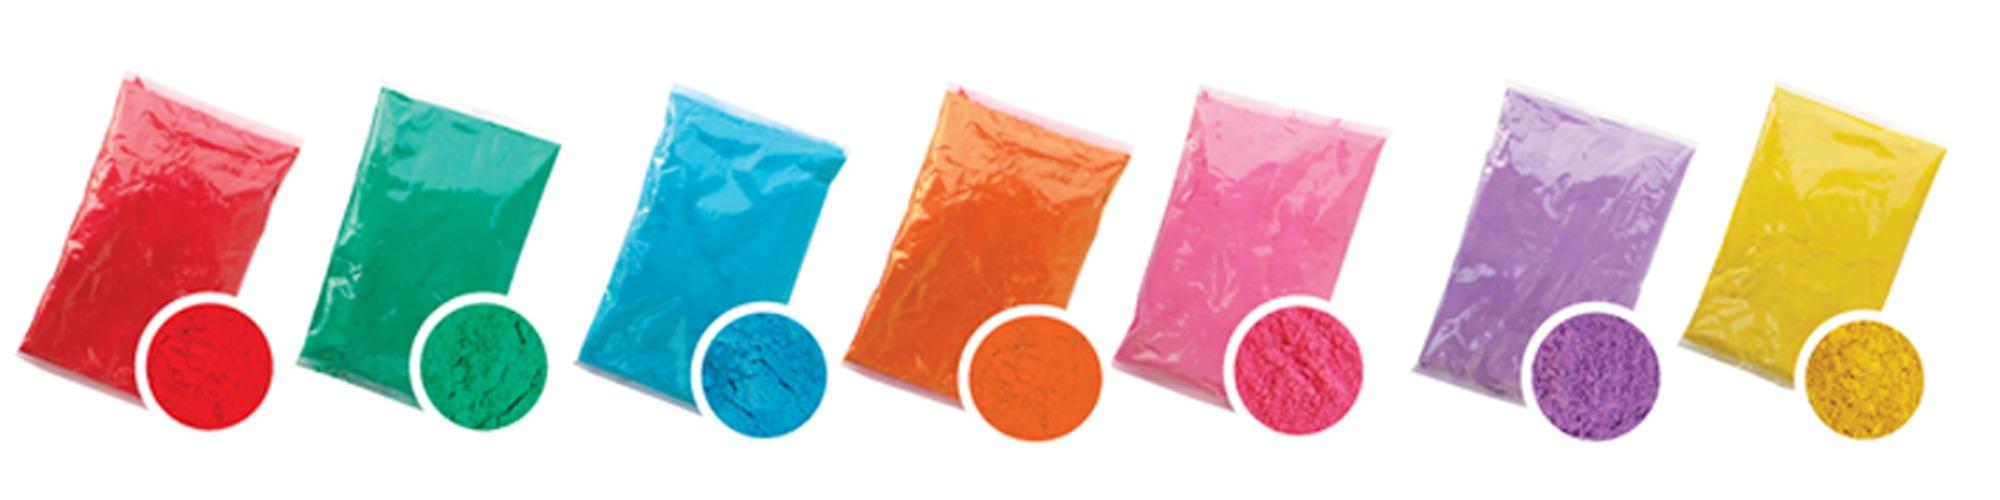 Bolsas saquitos Holi Polvos de Colores